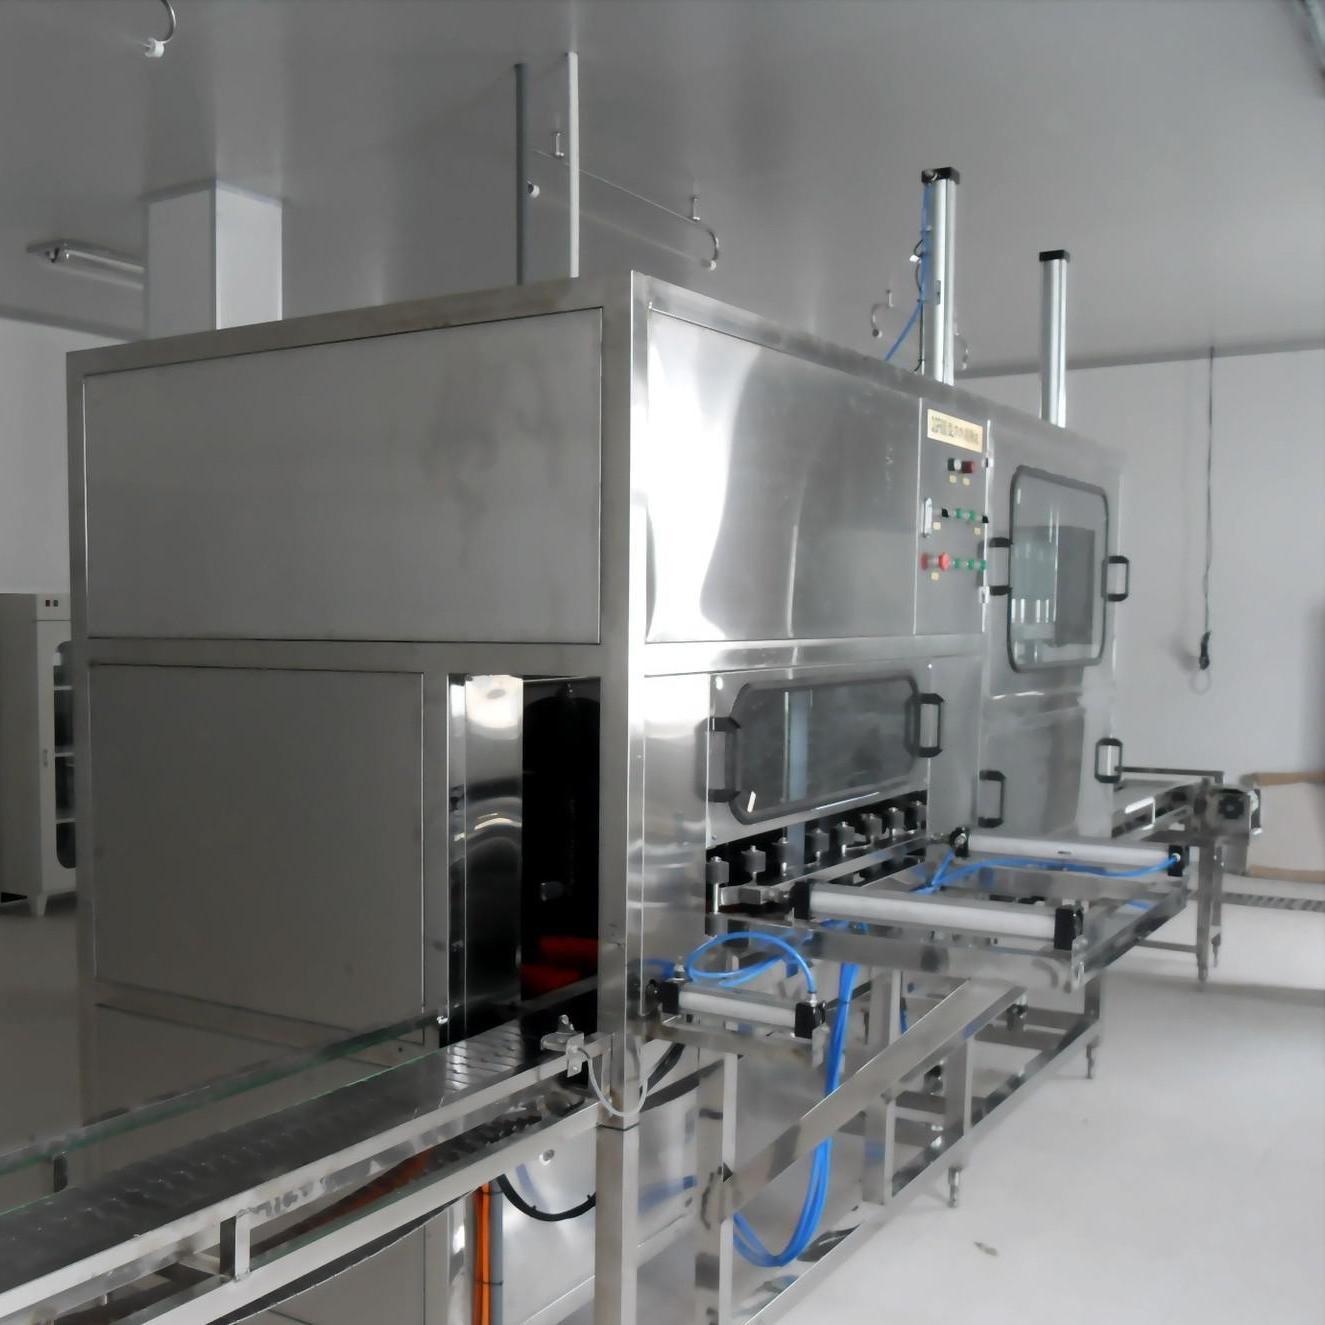 桶装水灌装生产设备 矿泉水设备 四川成都桶瓶装水生产线设备生产厂家